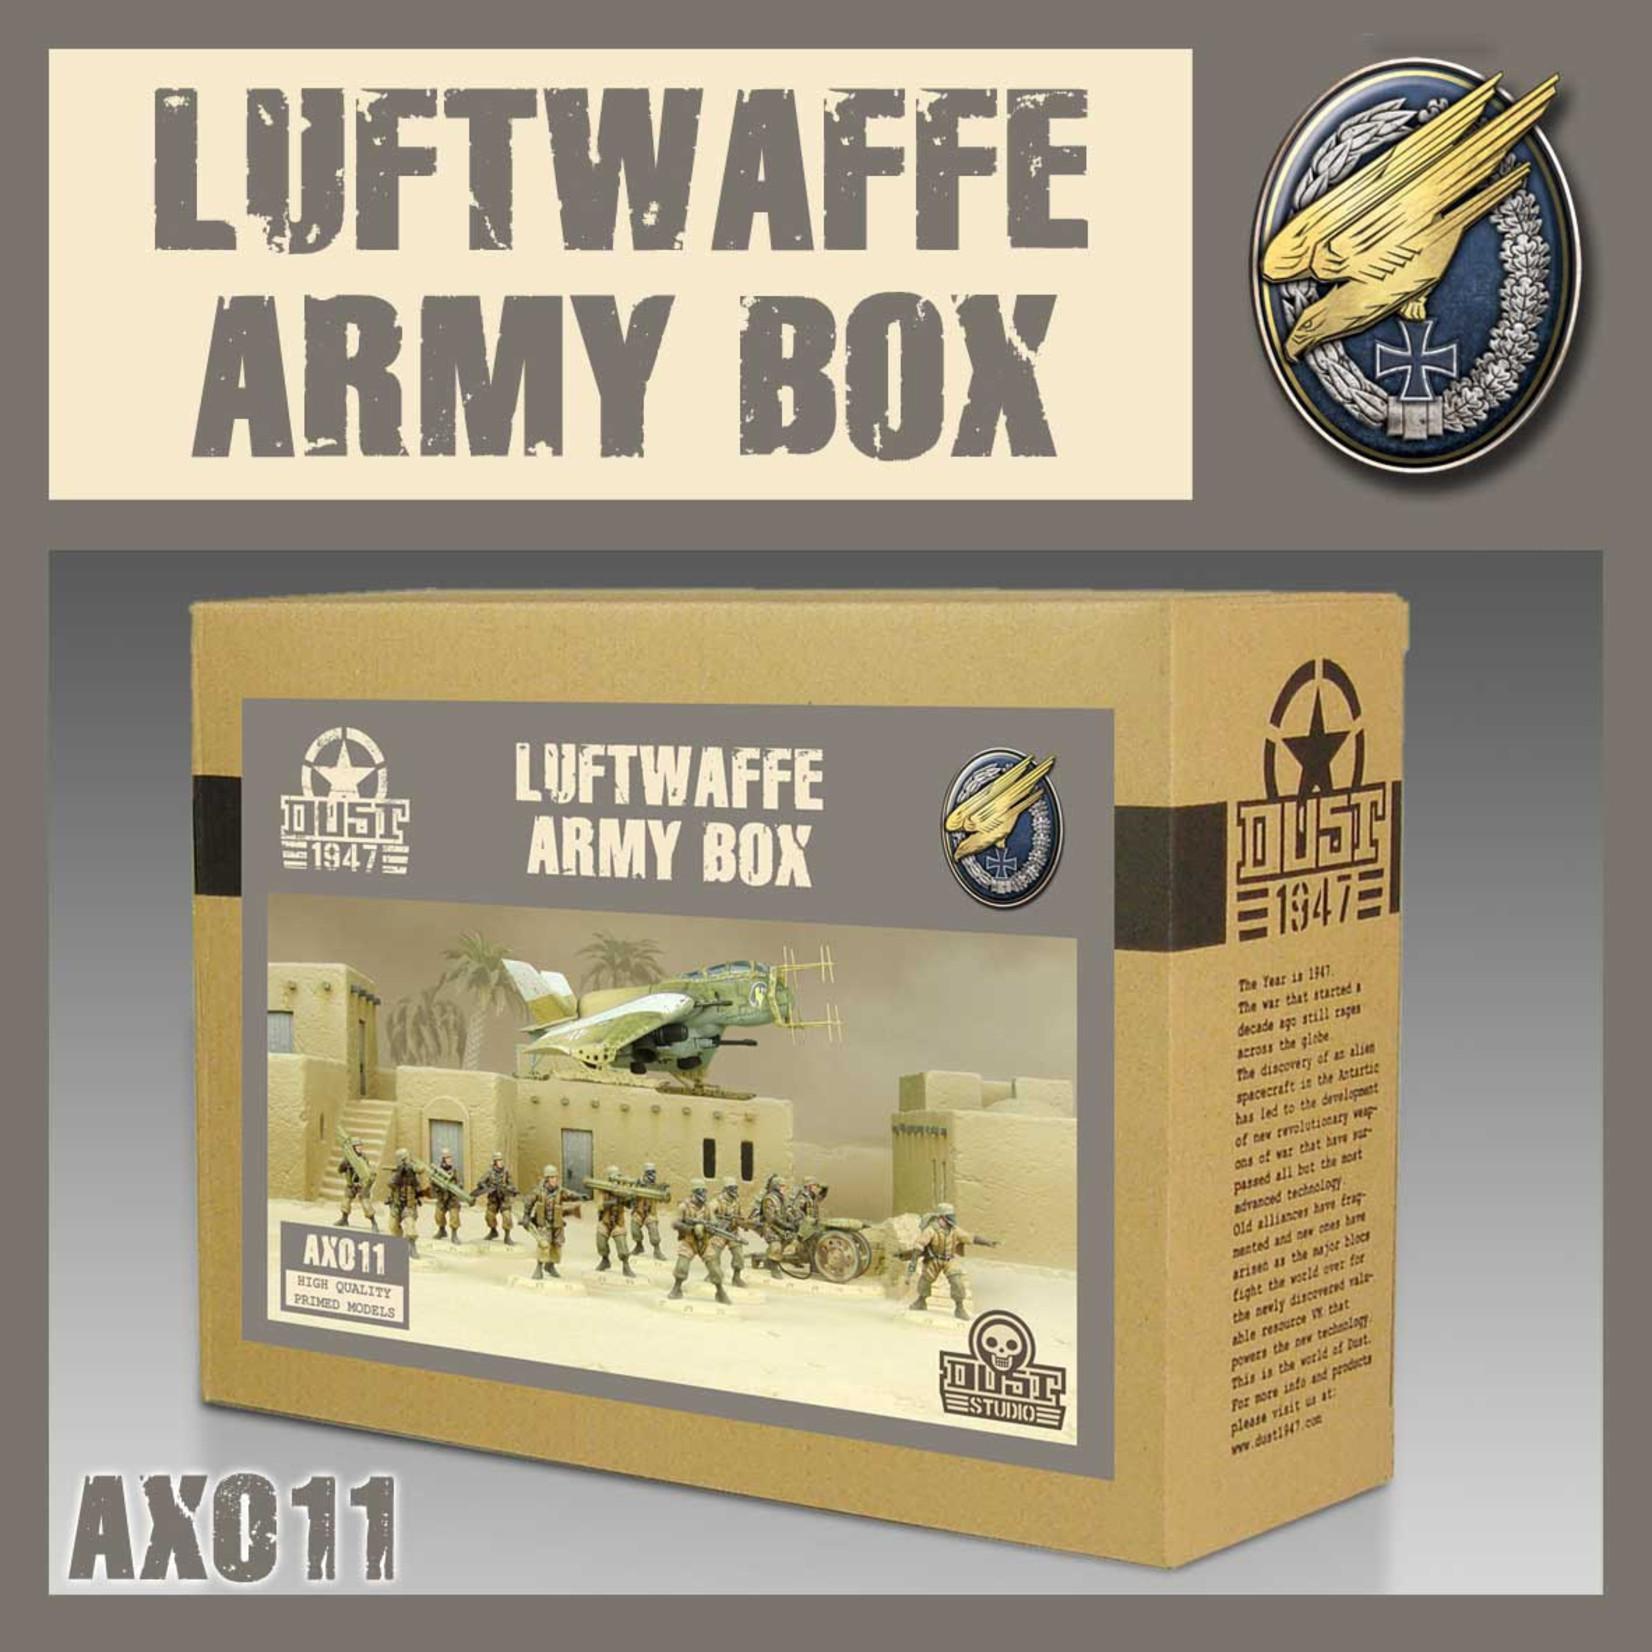 Dust DUST 1947: Luftwaffe Army Box